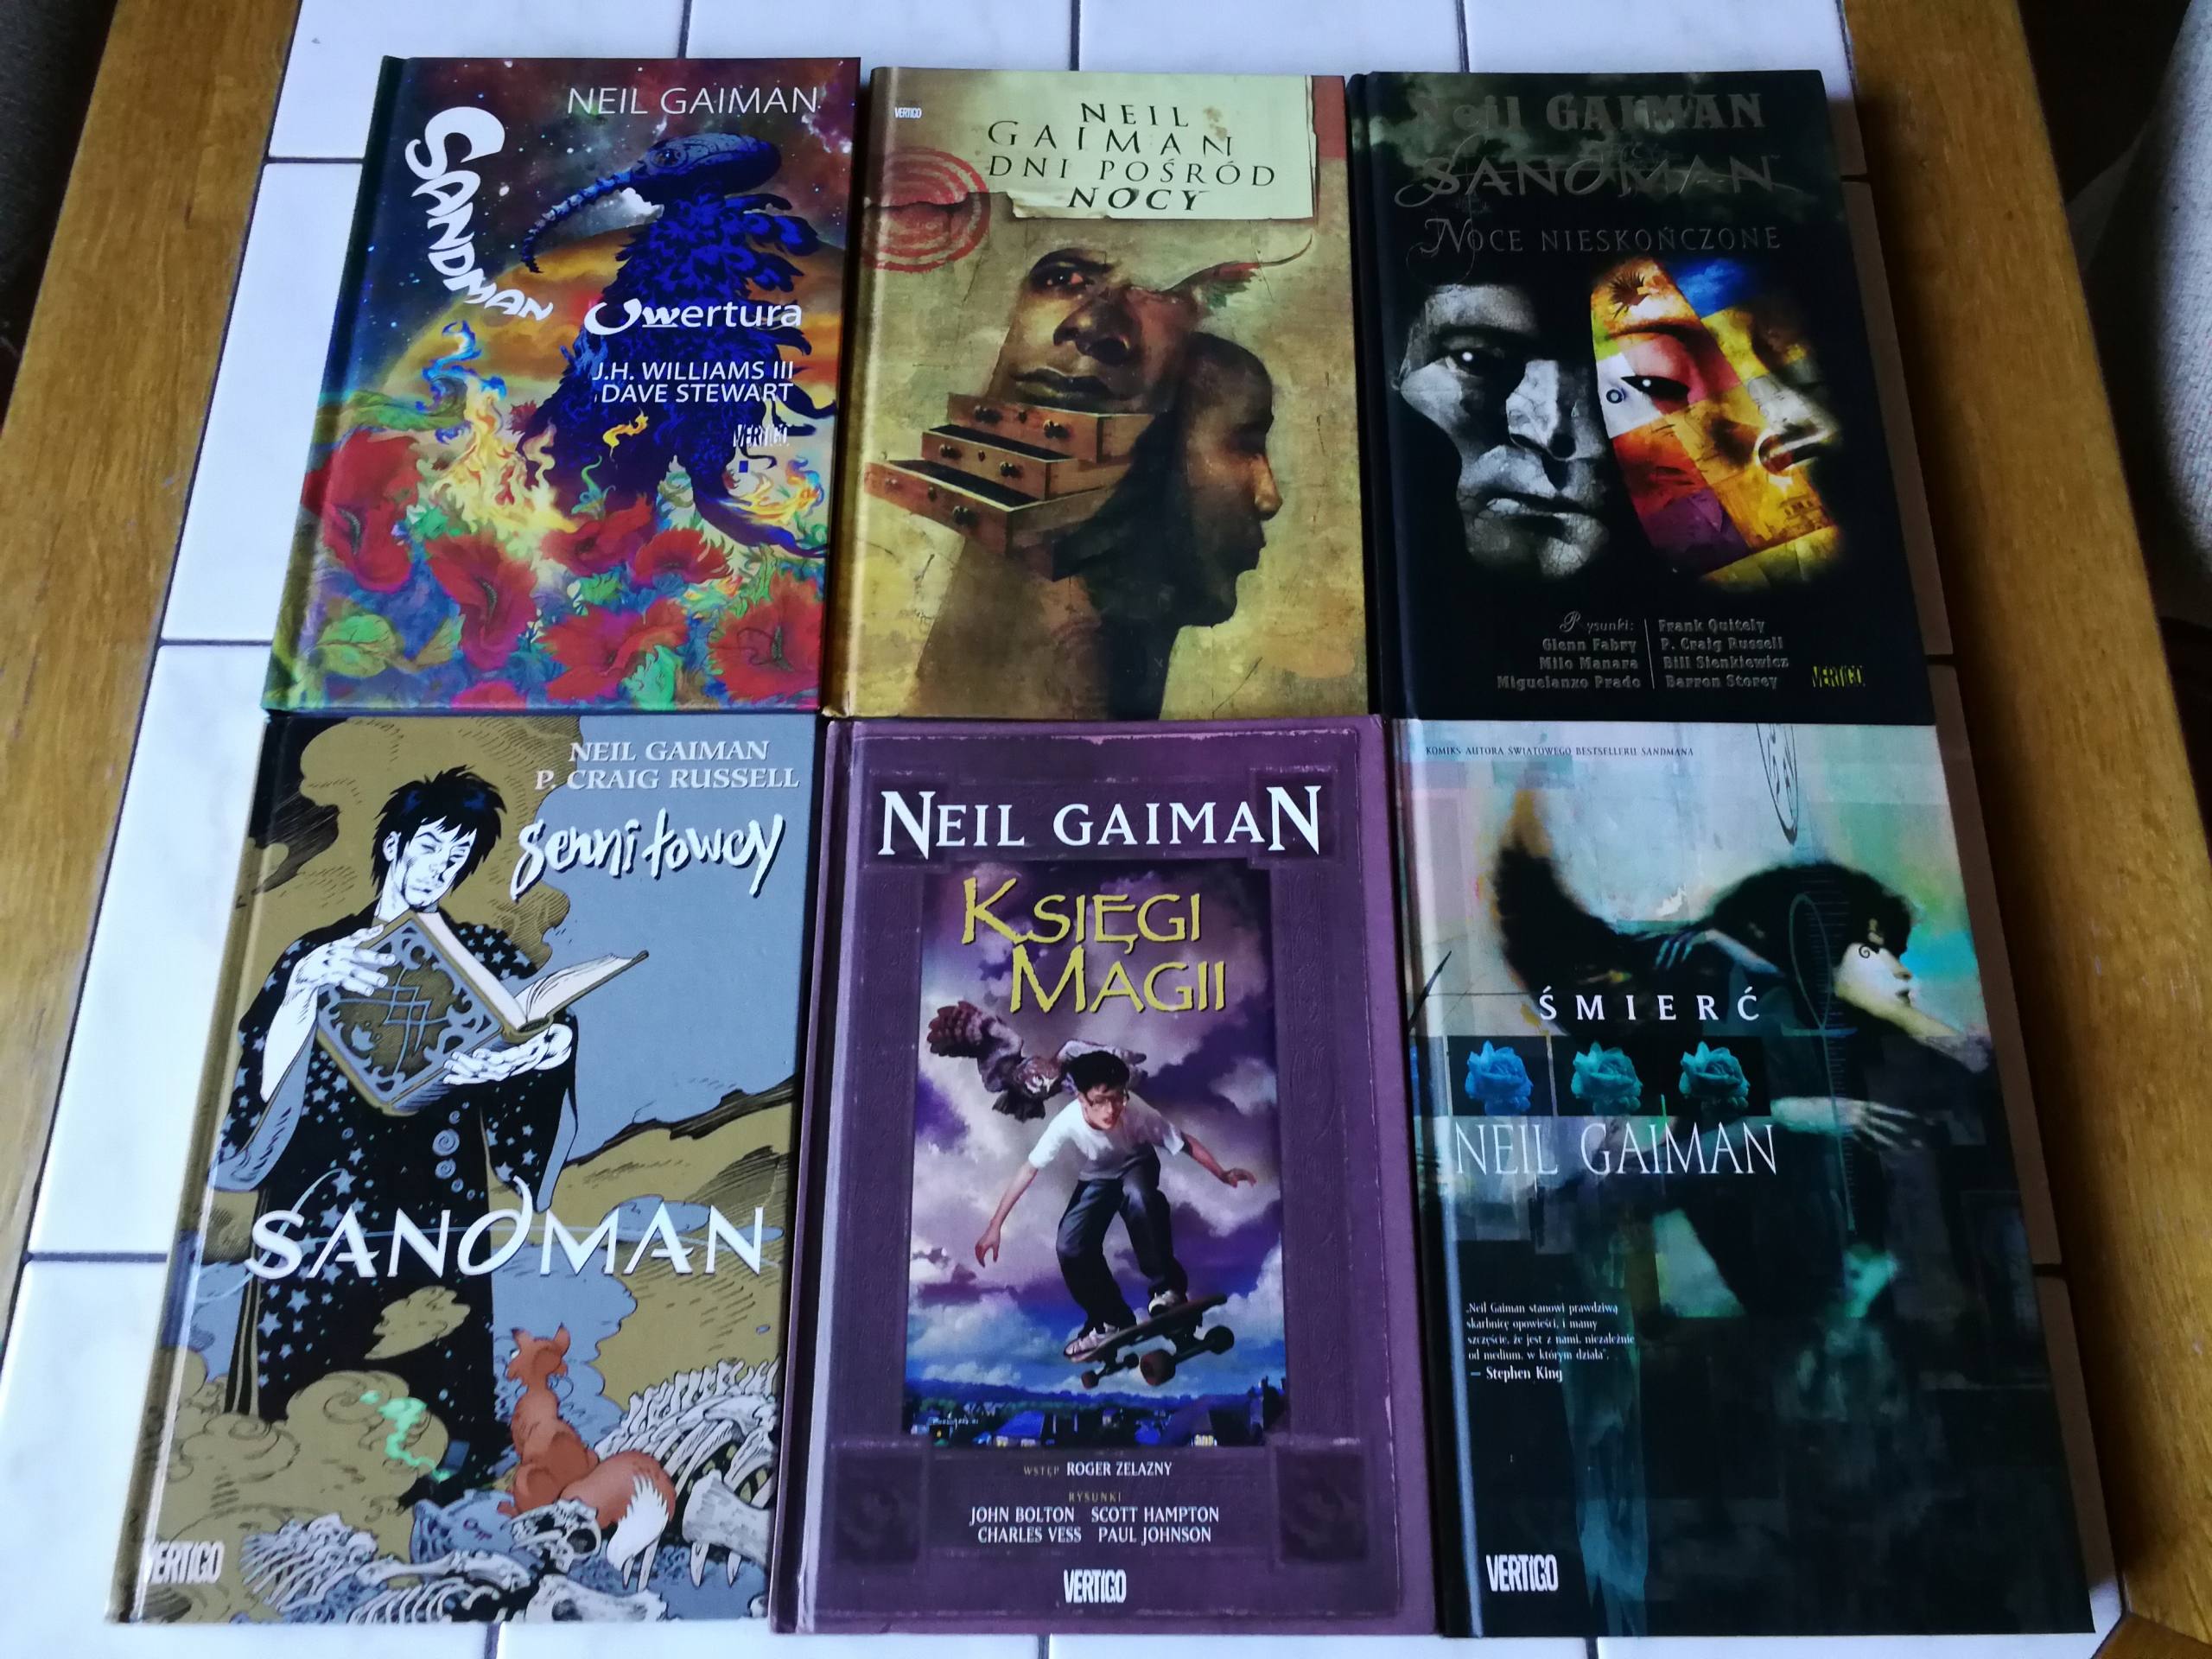 Neil Gaiman - Sandman - Serie poboczne w HC